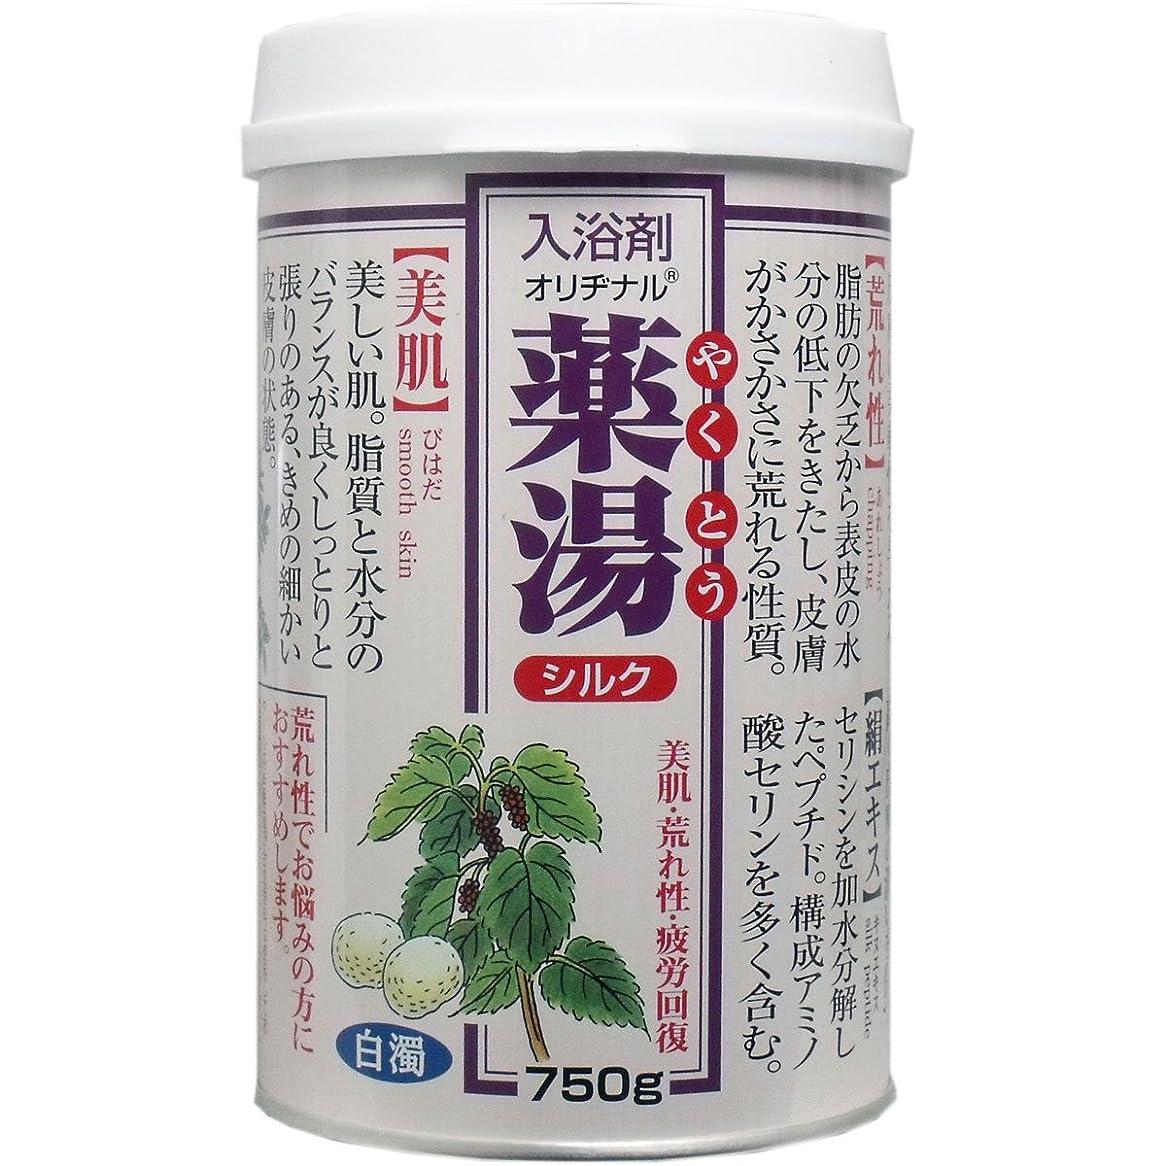 学士本土うん【まとめ買い】NEWオリヂナル薬湯 シルク 750g ×2セット